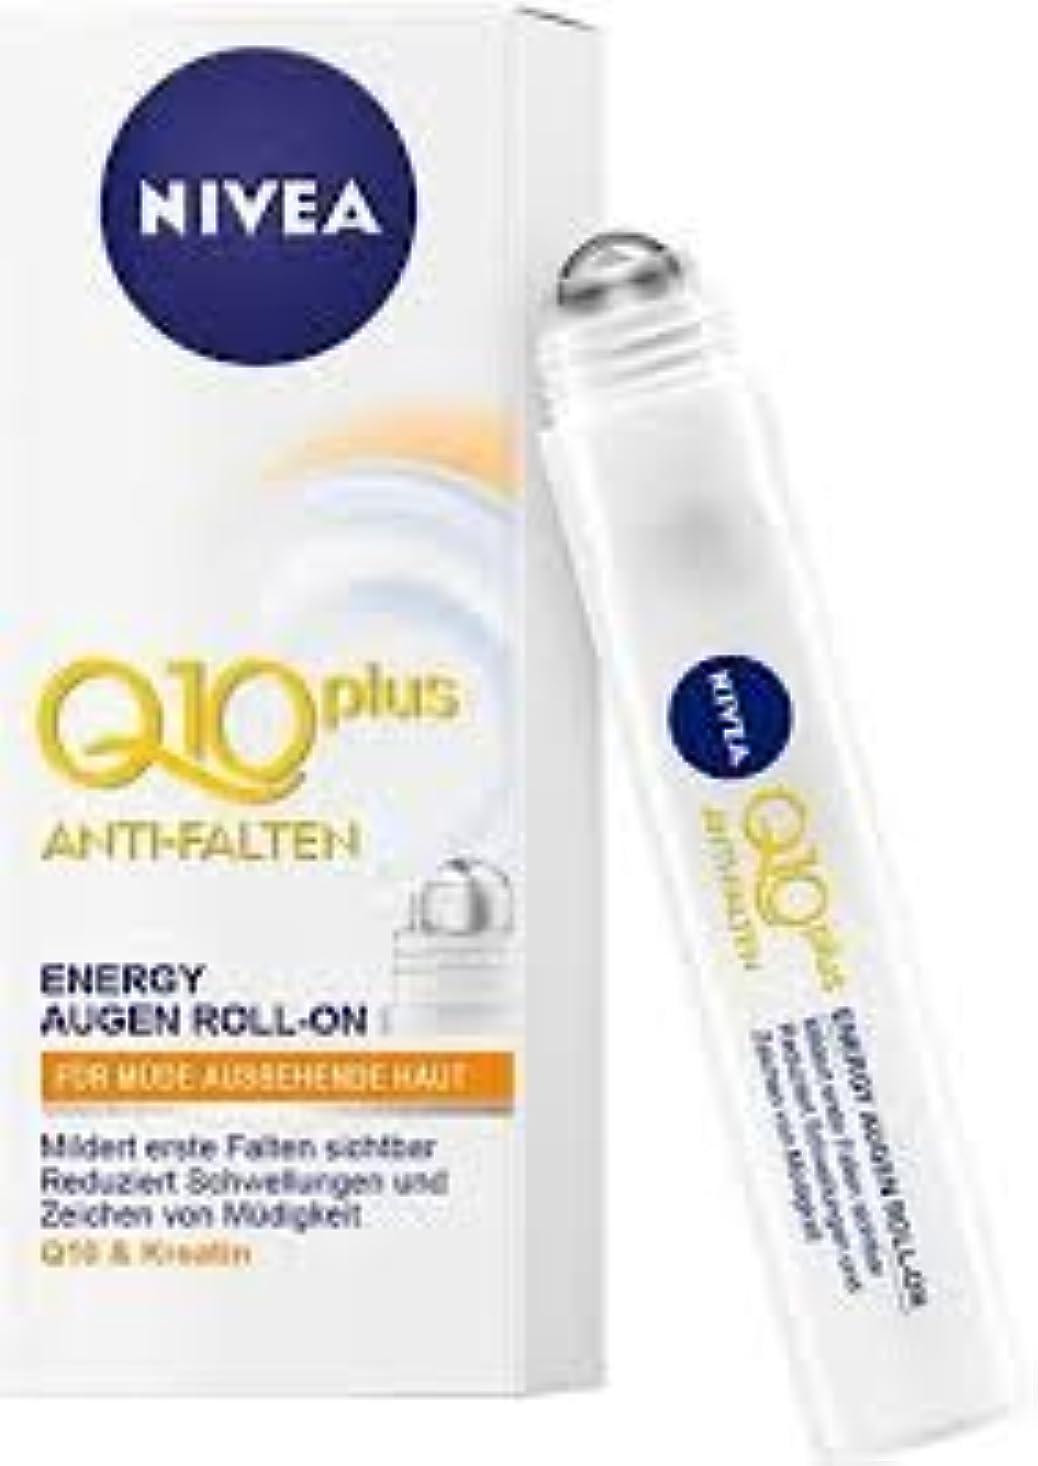 世界の窓ターゲット乳白色ニベア 顔 Q10 ロールオン冷却と抗シワ効果を目にするために 10ml*2個入 [Parallel Import Goods]